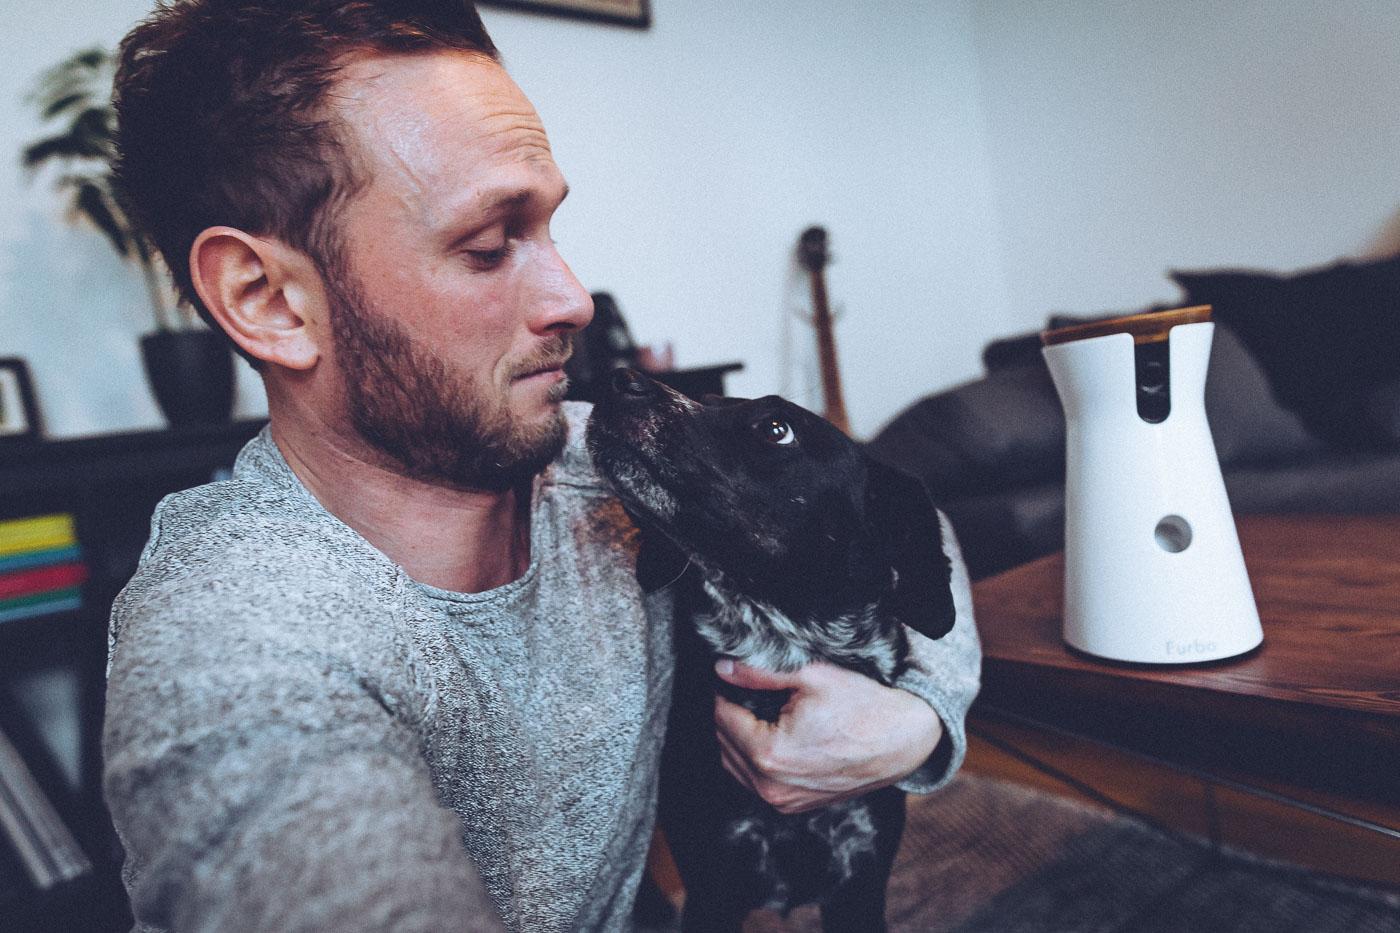 [Anzeige] Warum Henriette mich und ihre neue Furbo Hundekamera so abgöttisch liebt